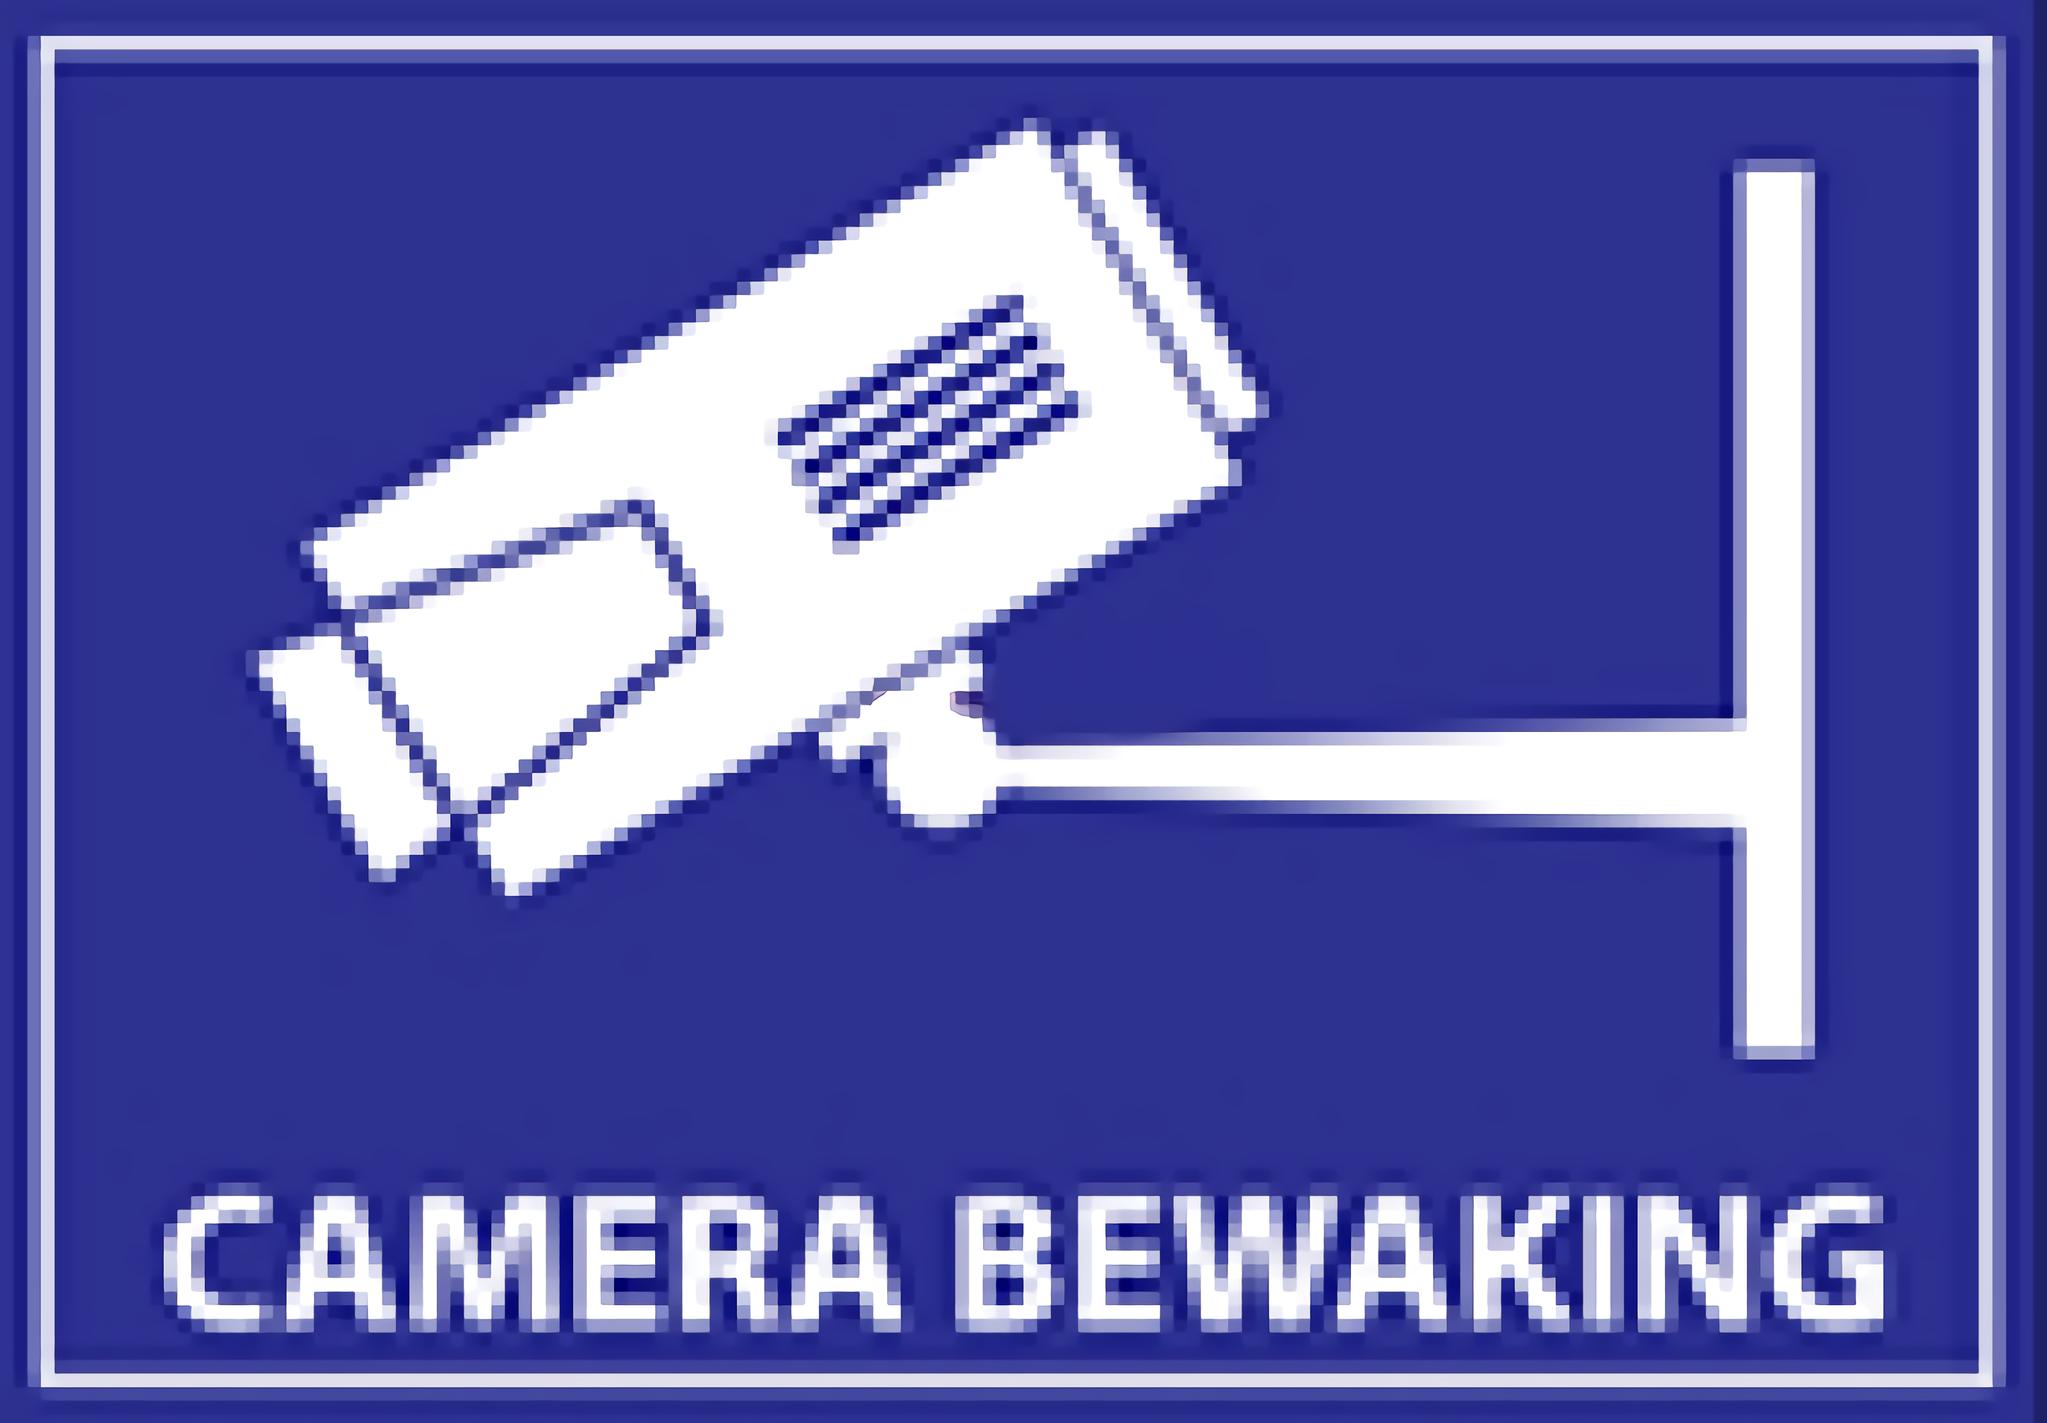 Aponte suas câmeras de vigilância para clientes, funcionários e transeuntes. Este adesivo de aviso profissional detém e, portanto, pode evitar muito aborrecimento. Os adesivos são unilaterais e resistentes às intempéries.